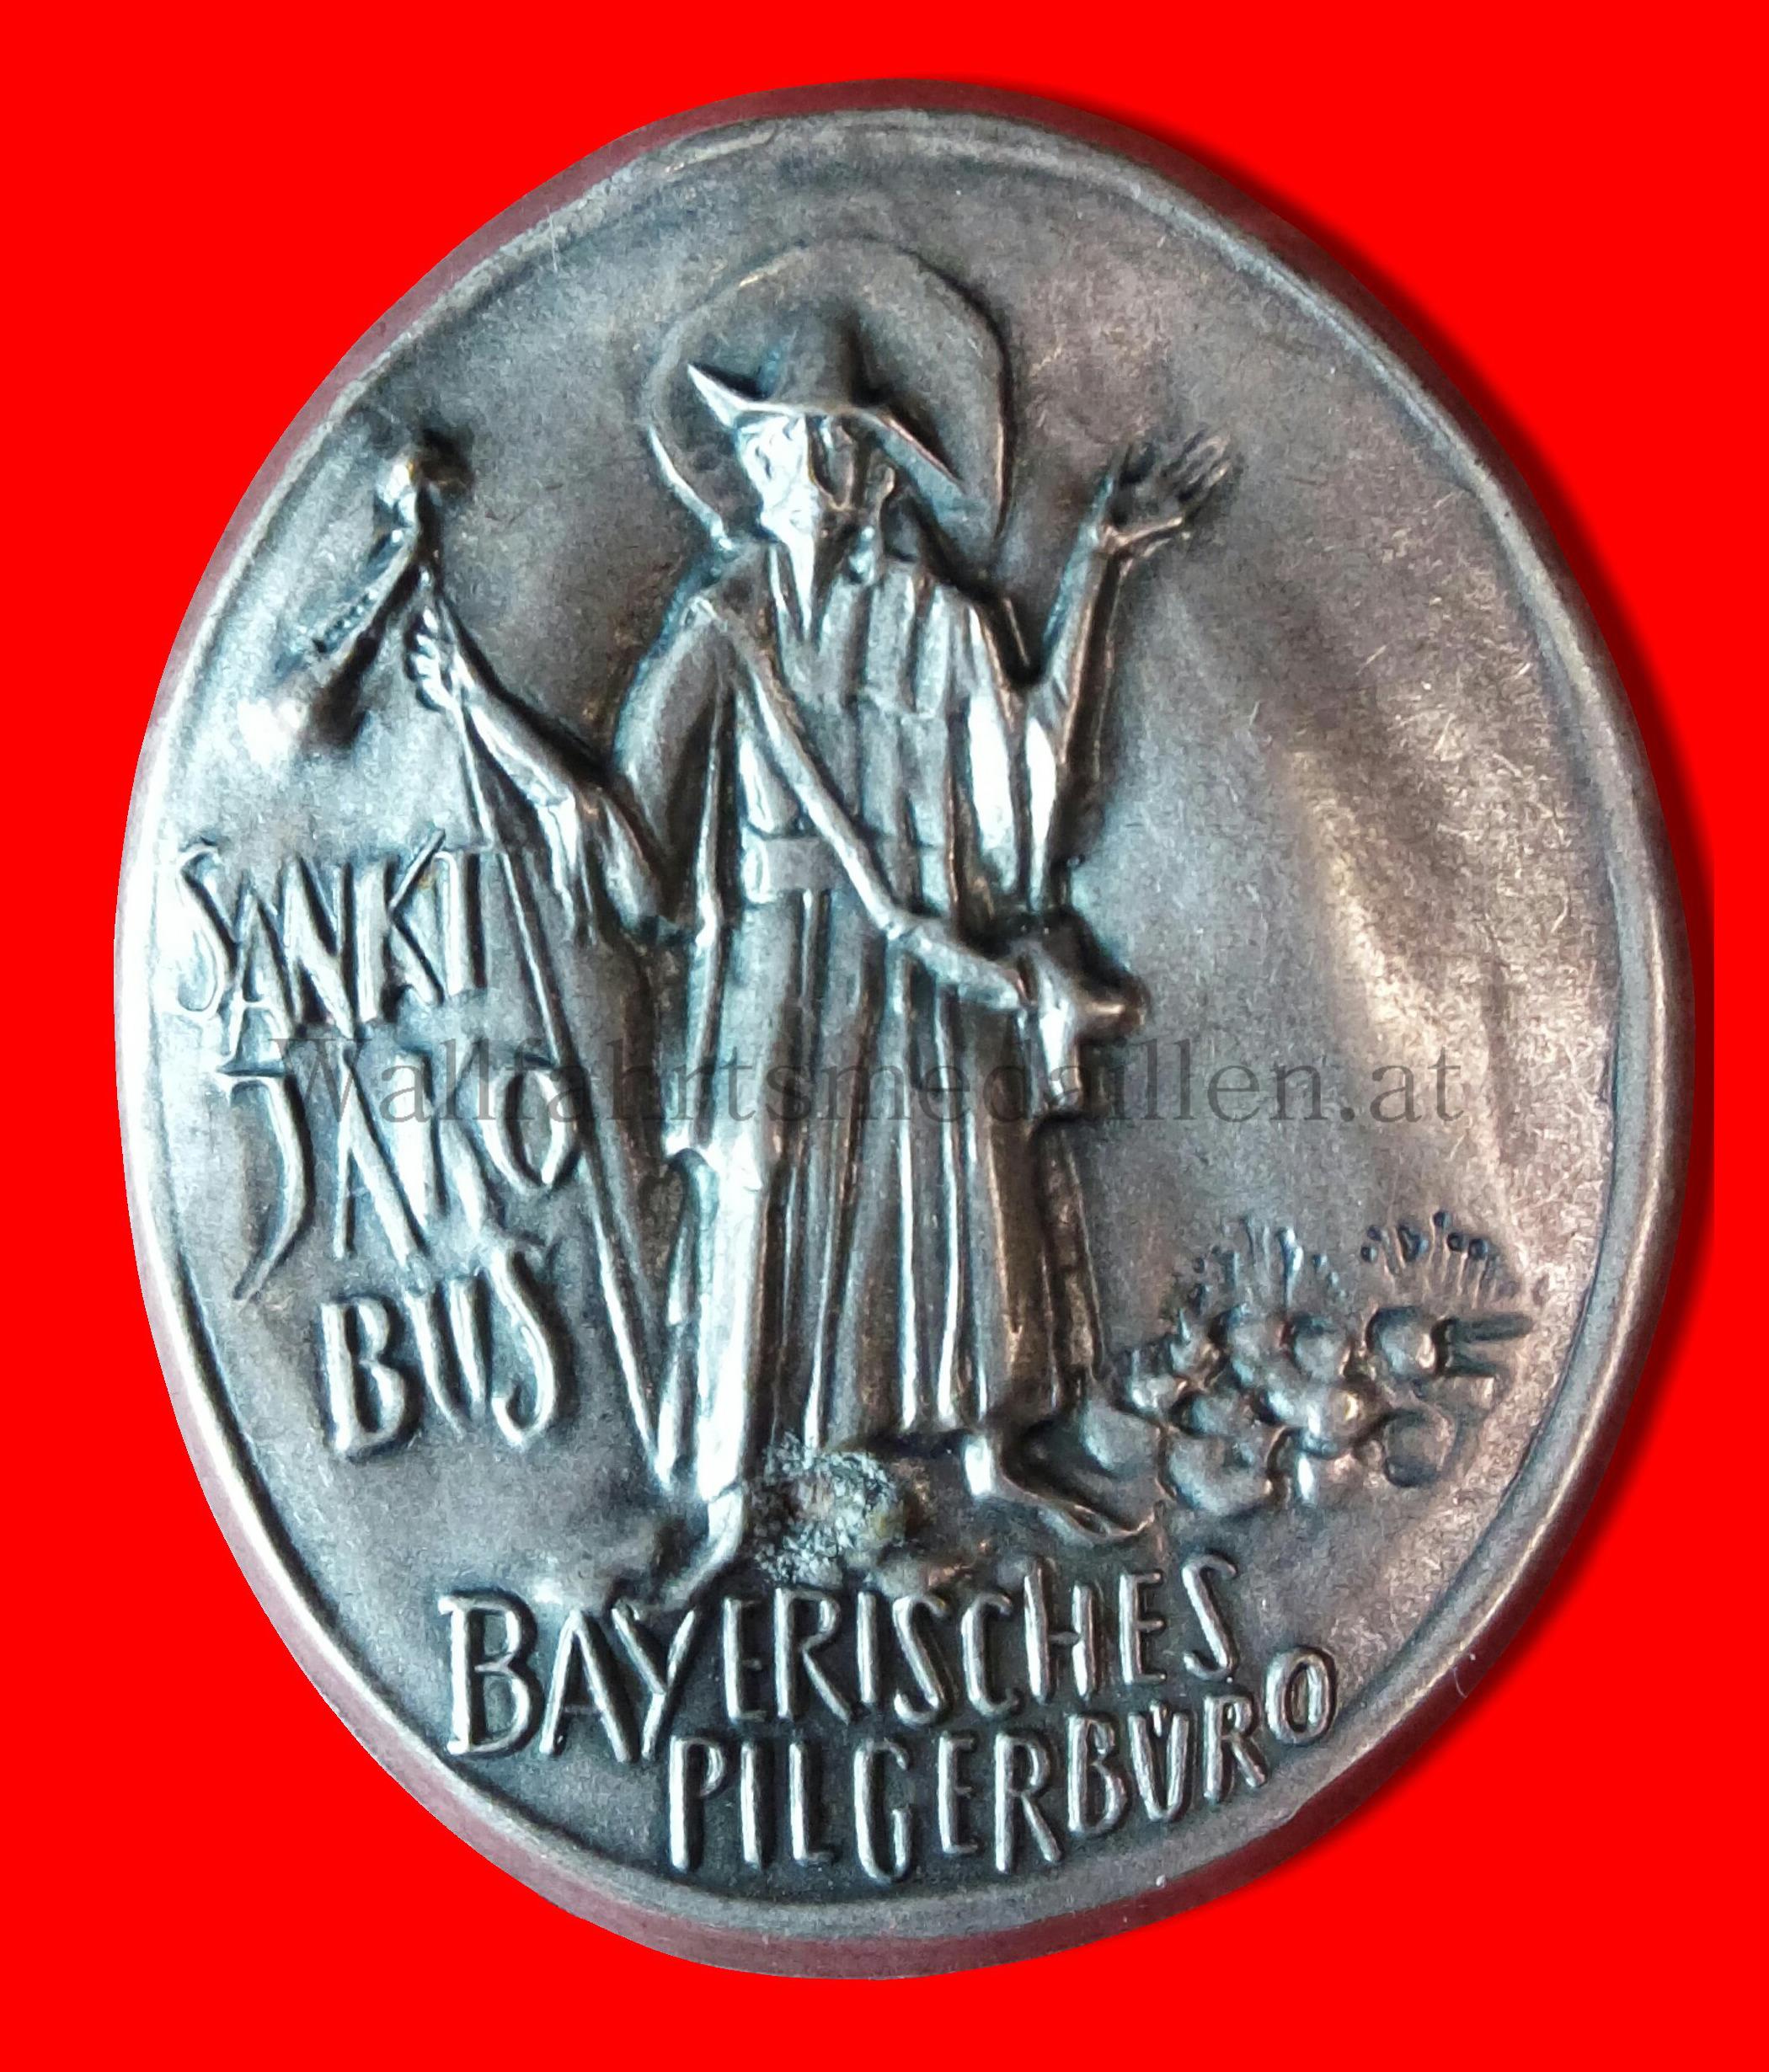 Abzeichen des Bayrischen Pilgerbüros